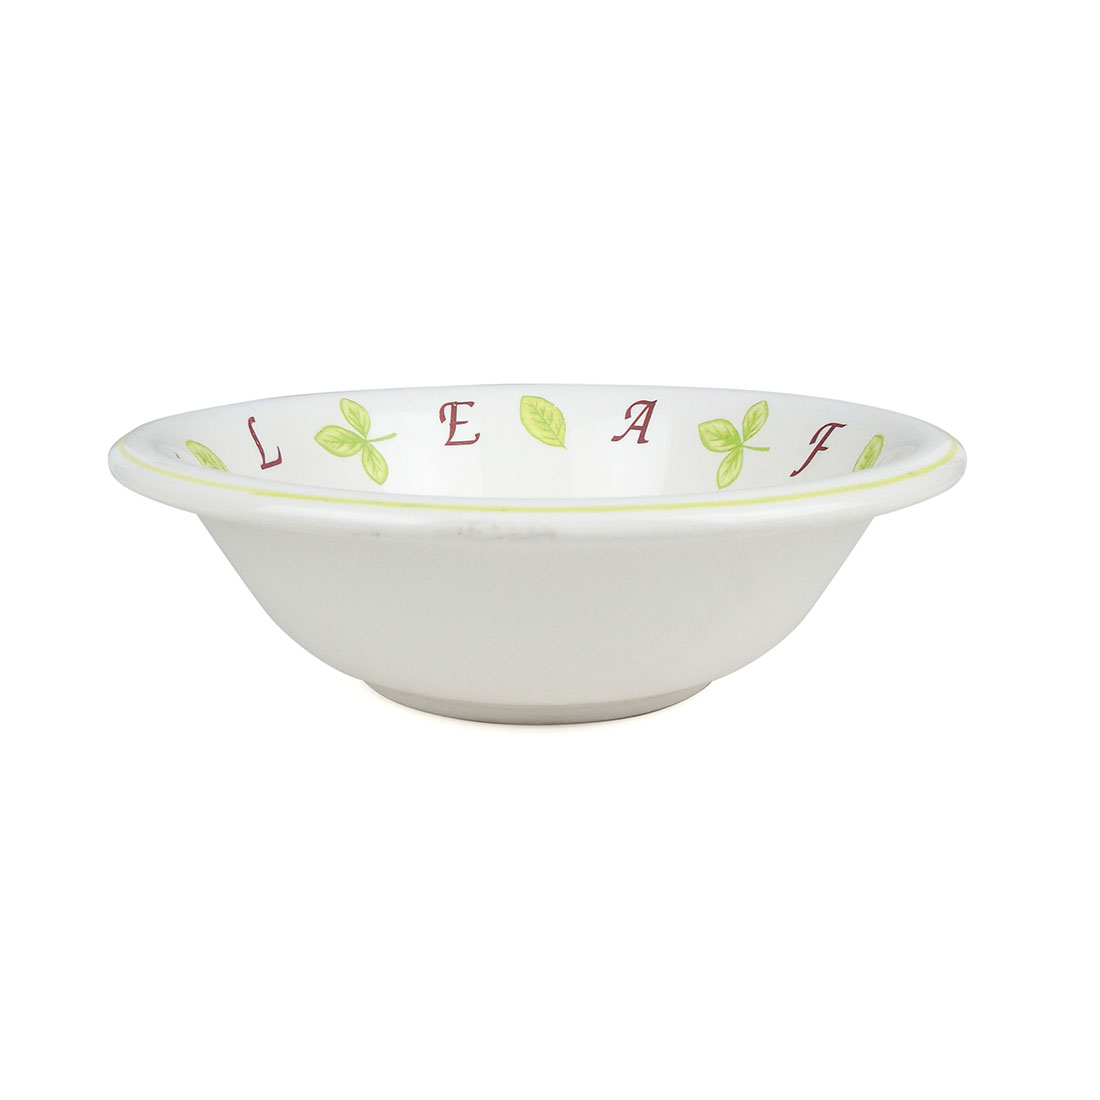 Bộ 4 Tô Sứ Tealeaf - Nhật - 17 x 5 cm - 443409